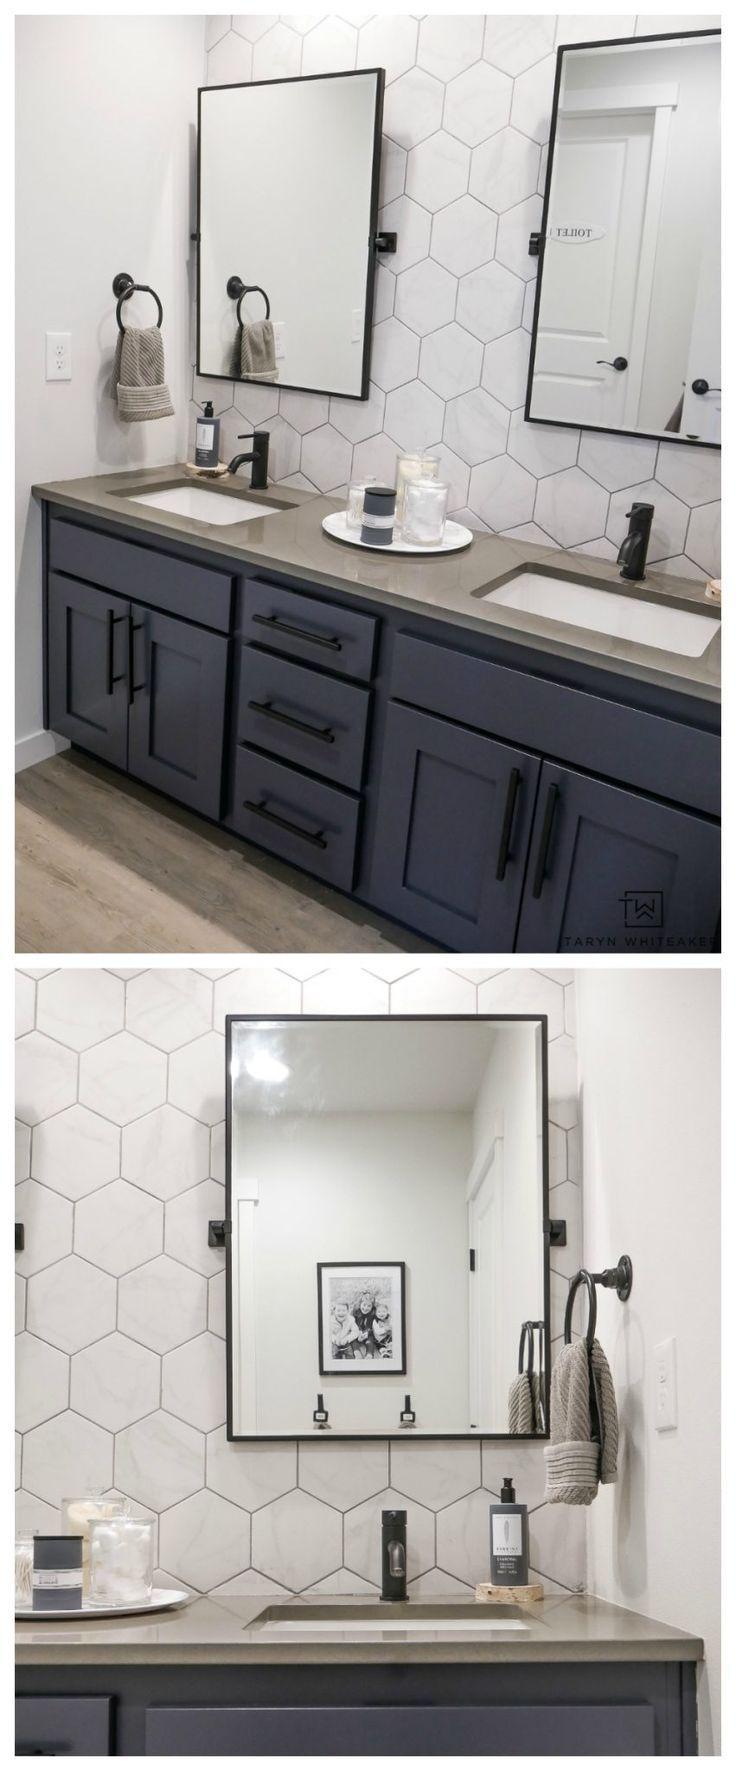 Double Sink Bathroom Vanity Makeover Taryn Whiteaker Bathroom Vanity Makeover Bathroom Cabinets Designs Bathroom Sink Vanity